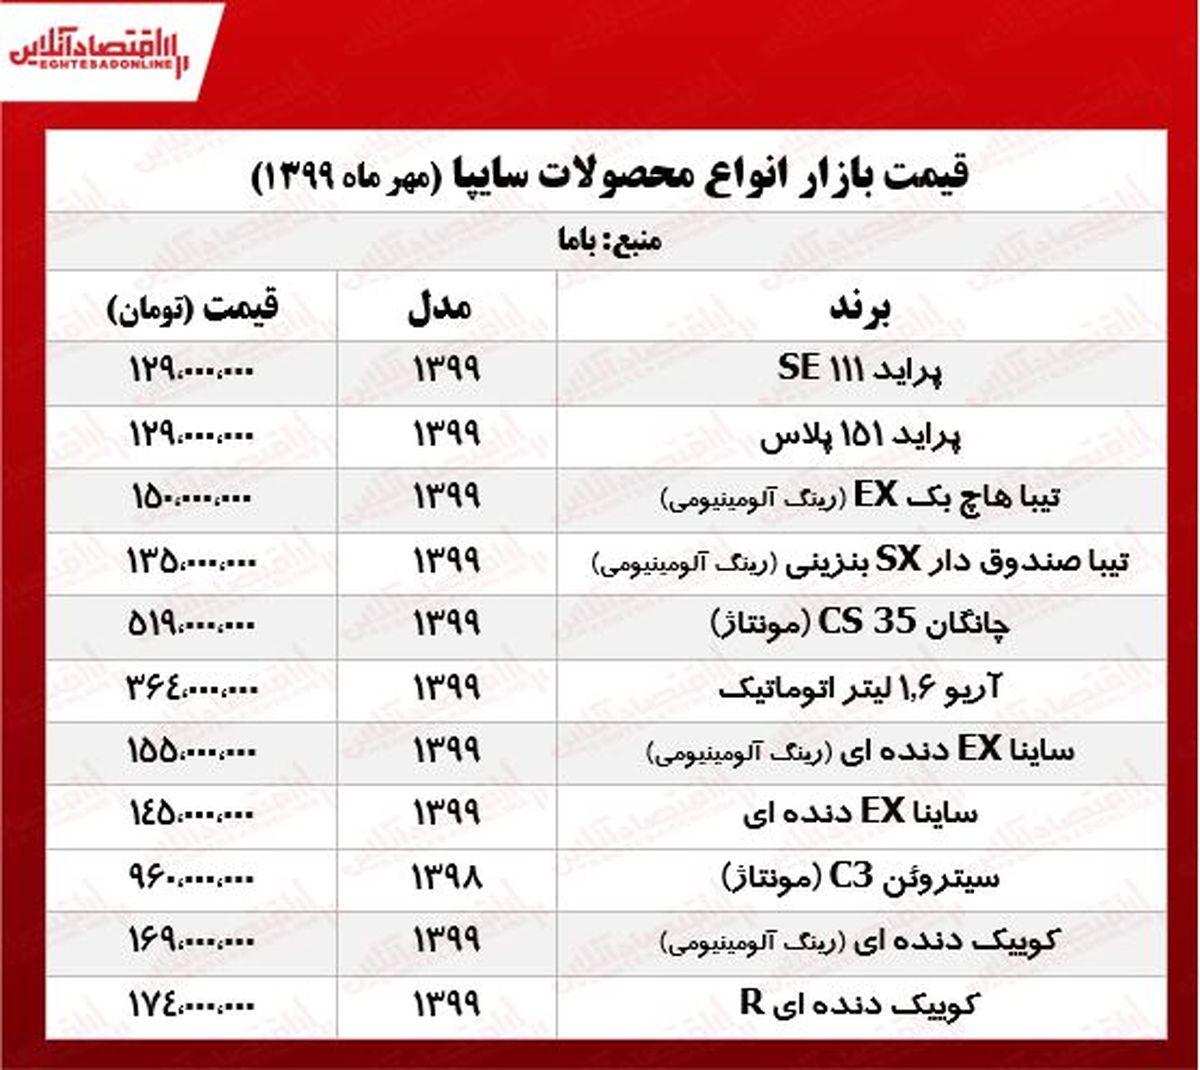 قیمت محصولات سایپا در بازار آزاد +جدول